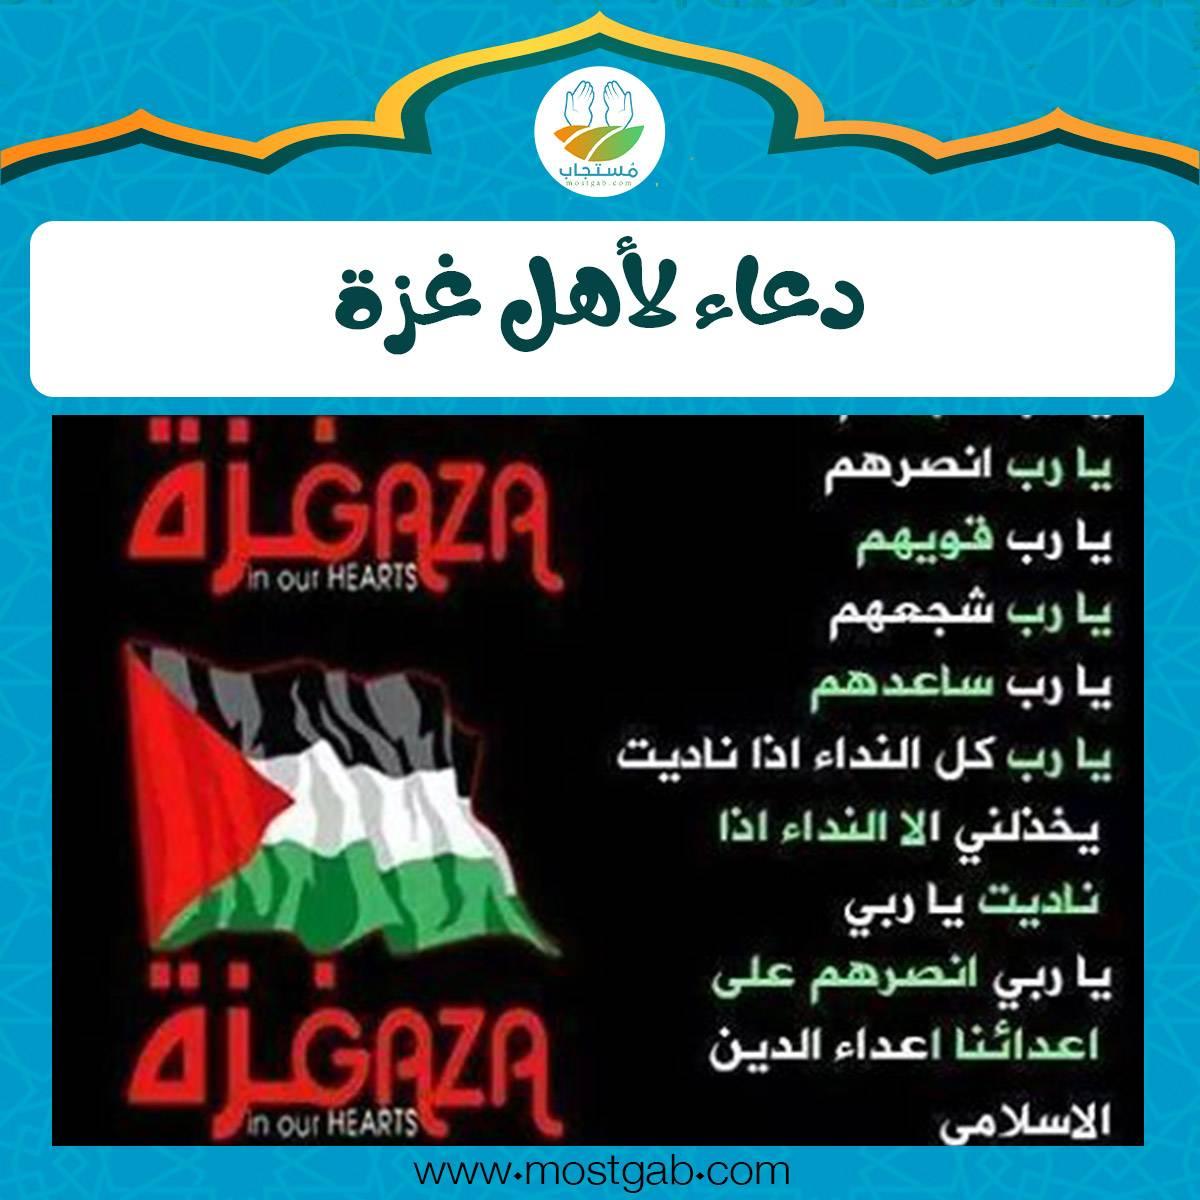 أدعية غزة